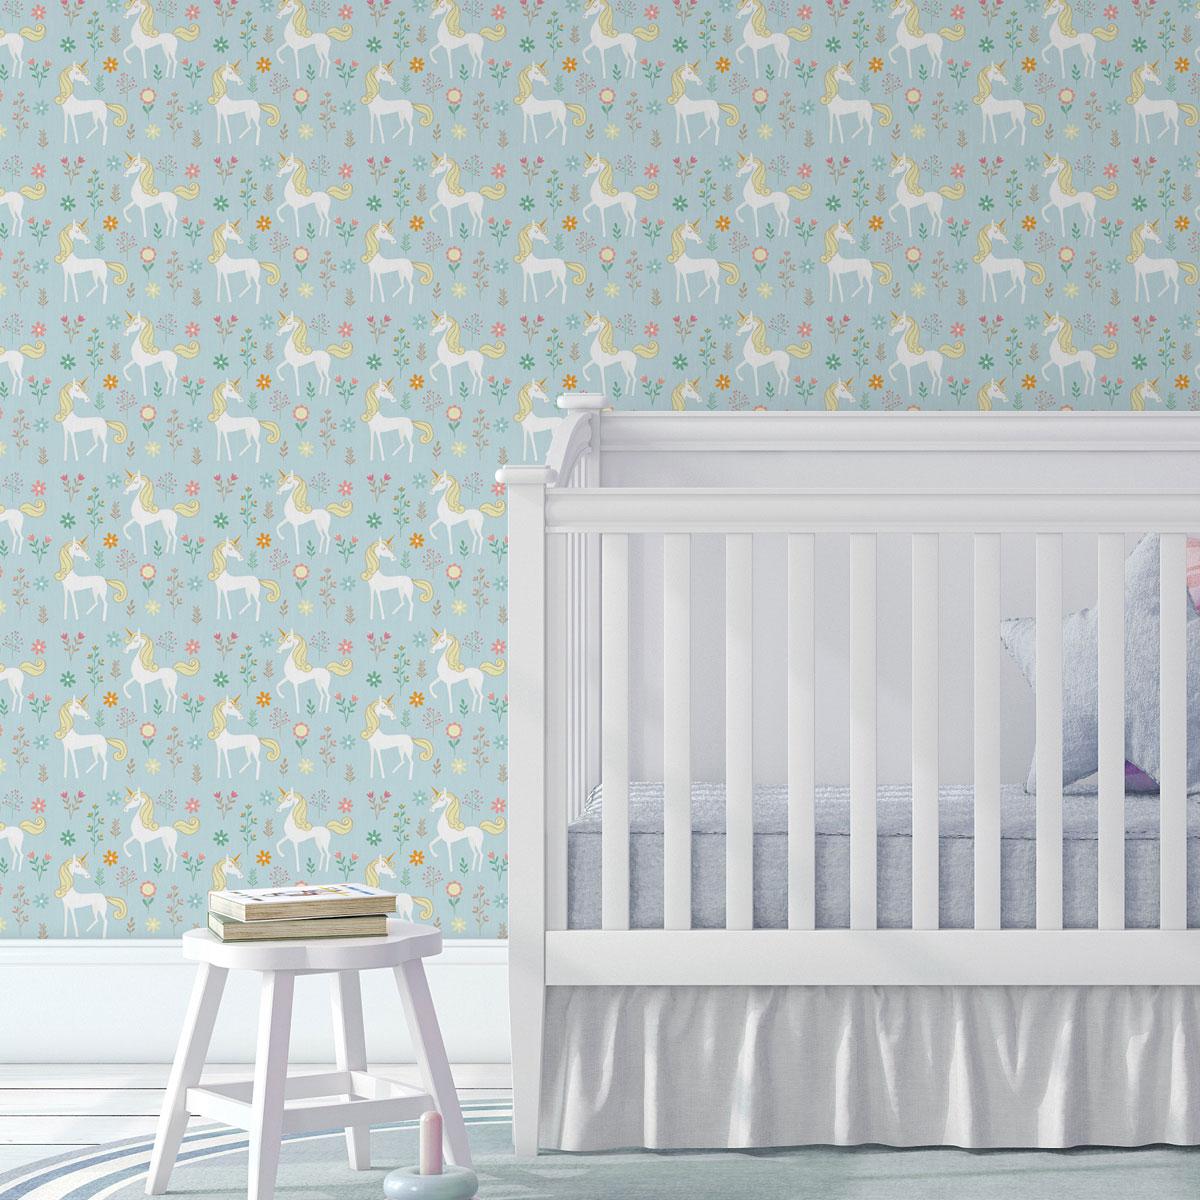 Traumhafte Kinder Tapete mit magischem Einhorn auf hellblau angepasst an Little Greene Wandfarben- Vliestapete Tiere